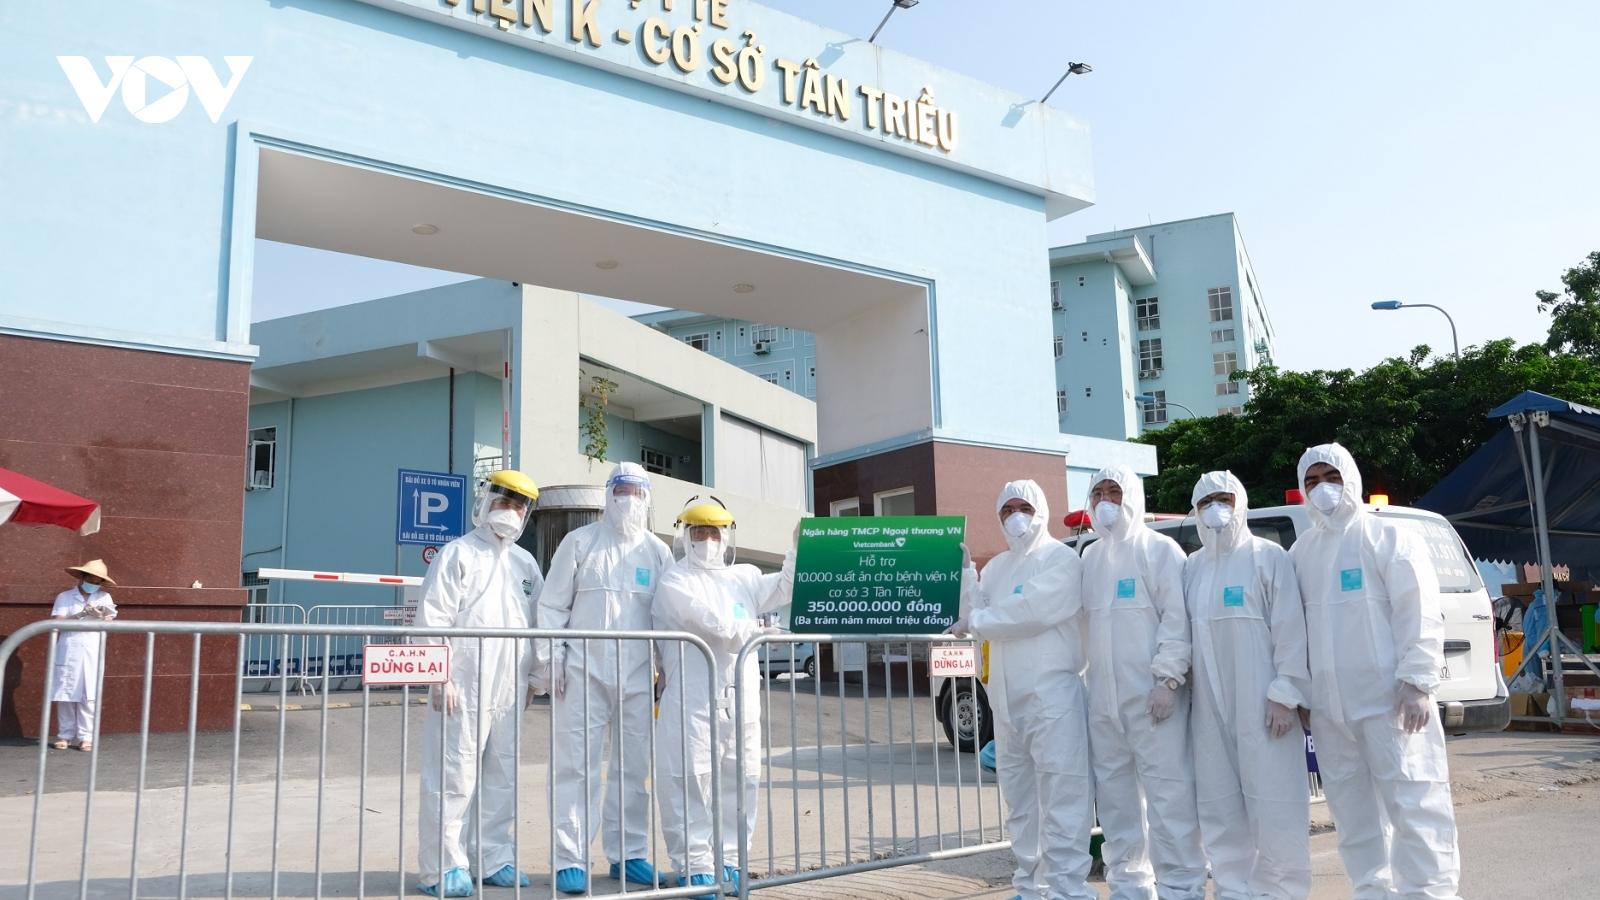 Trao tặng 5 tỷ đồng và 10.000 suất ăn hỗ trợ Bệnh viện K cơ sở Tân Triều